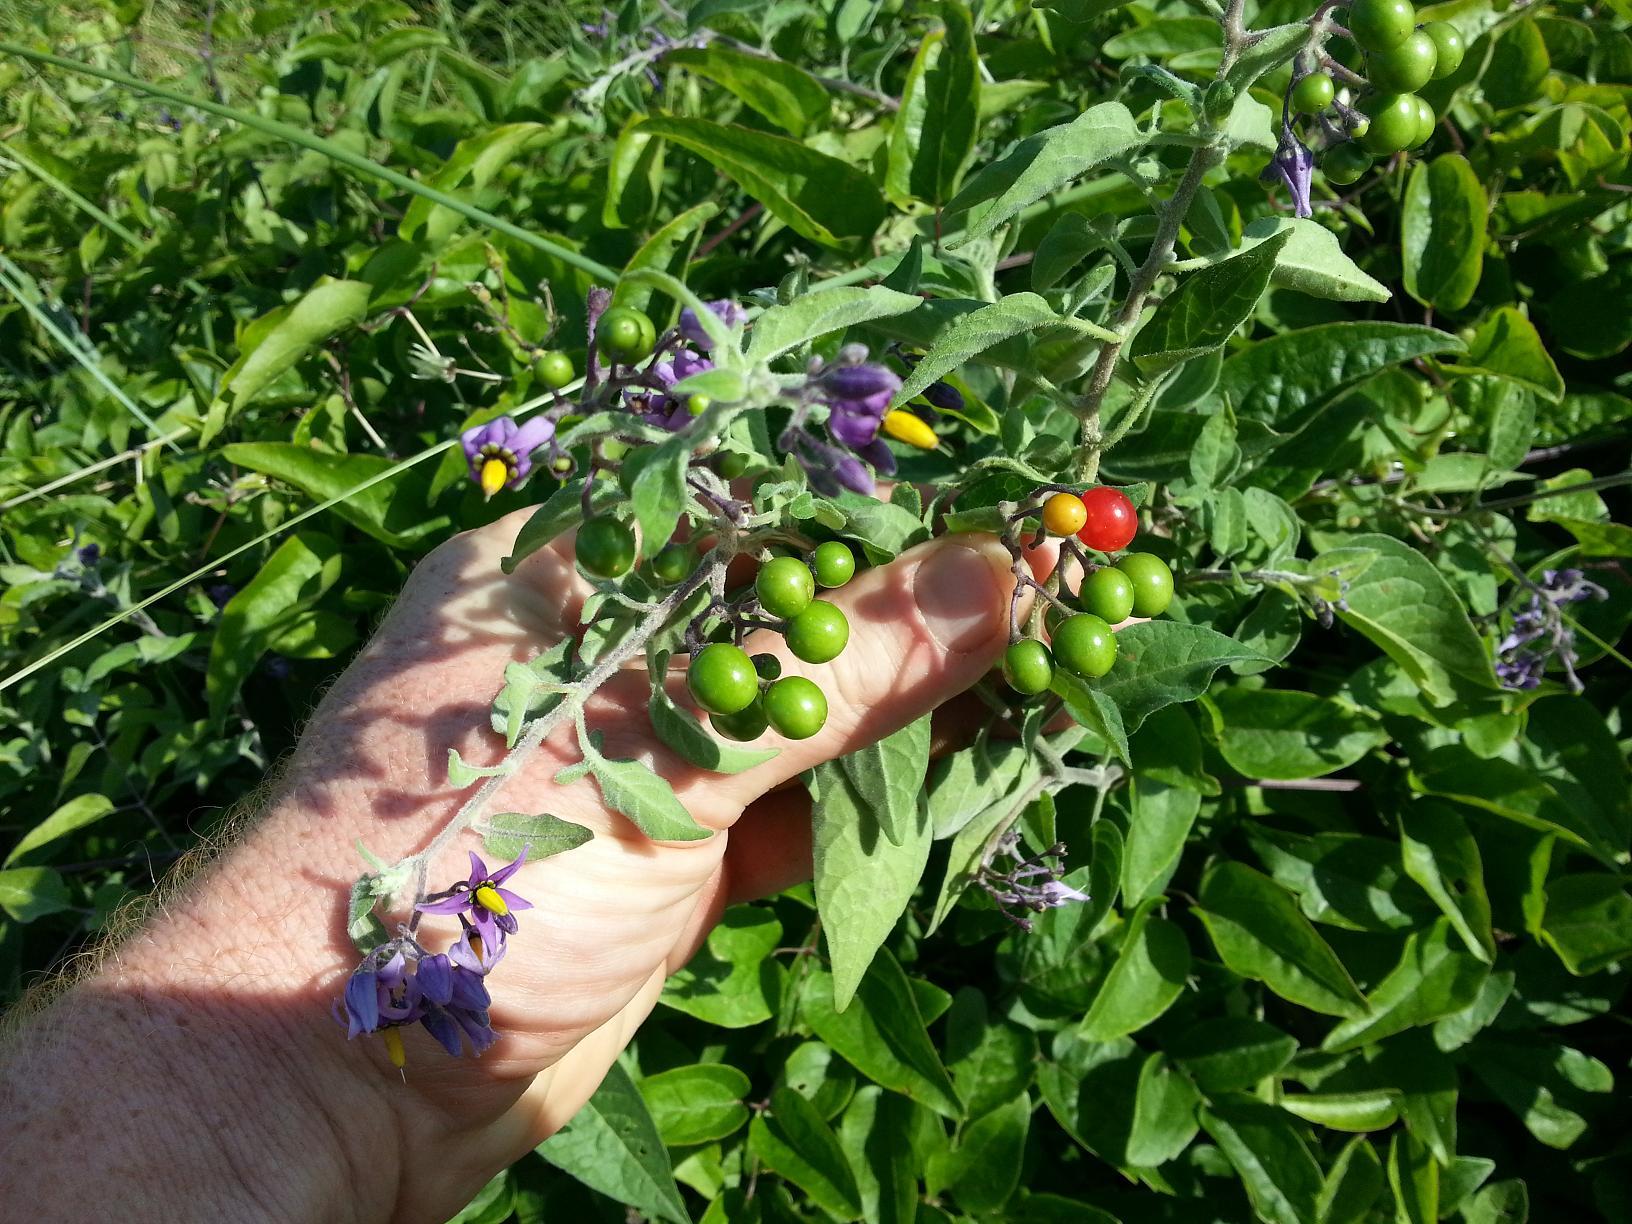 Ces jolies petites tomates sont produites par